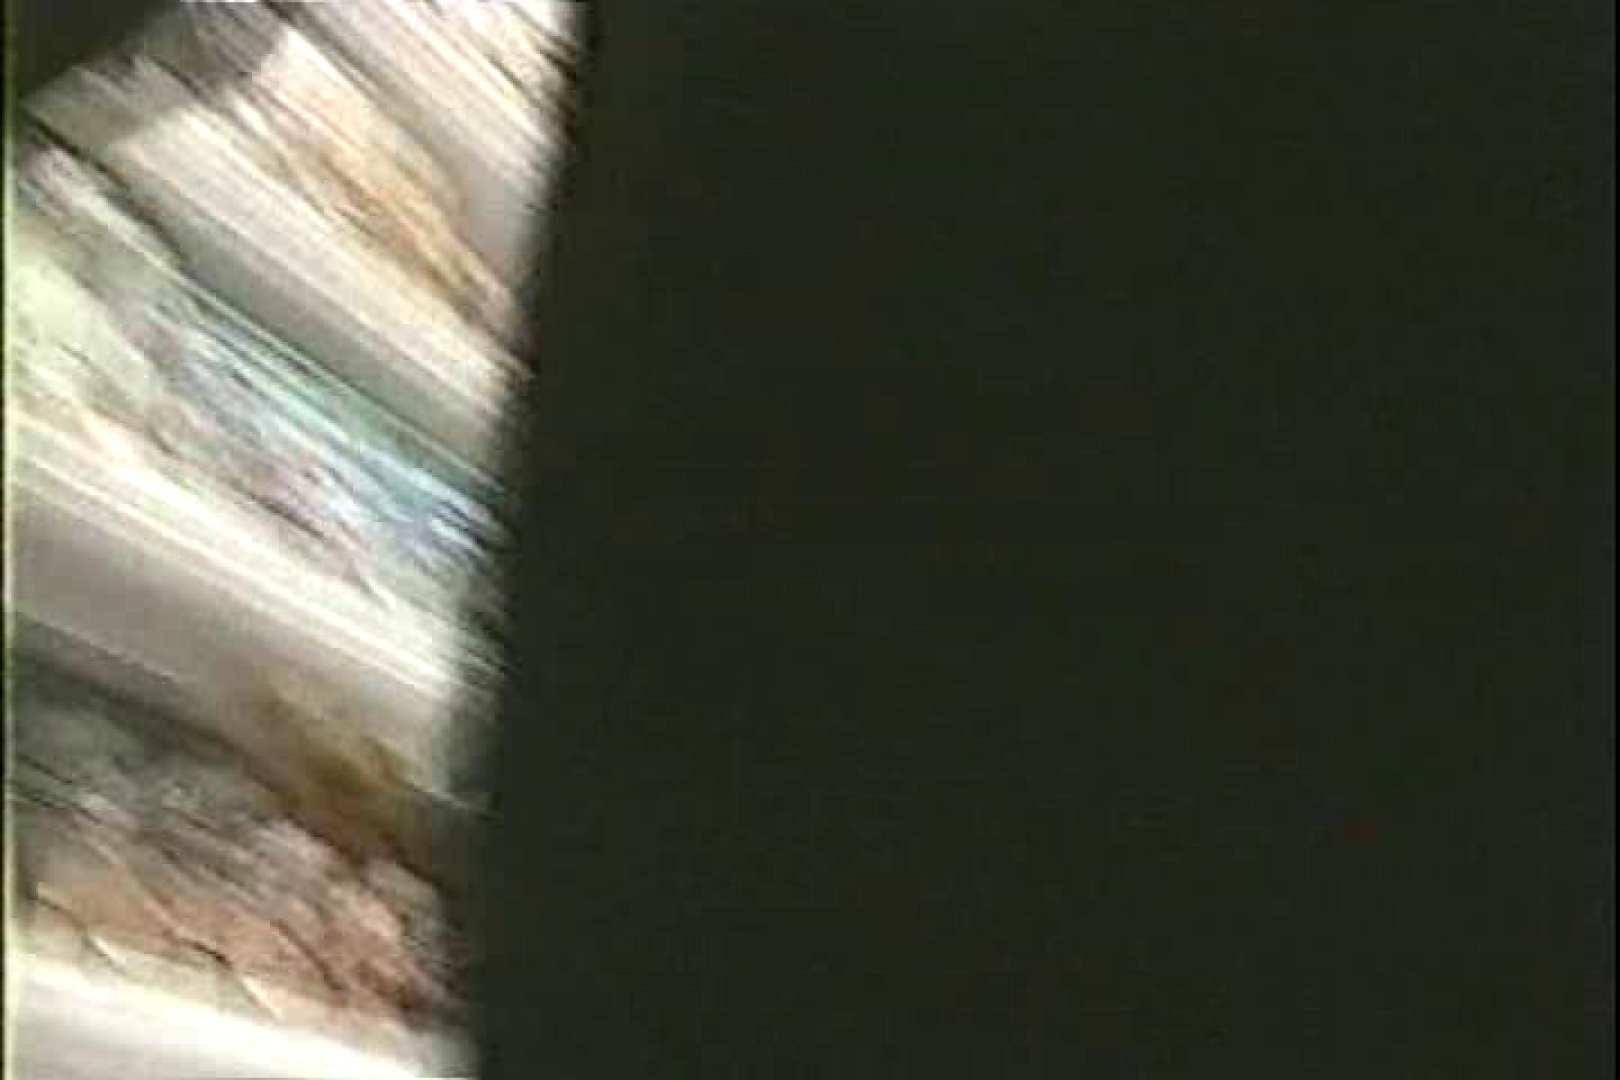 「ちくりん」さんのオリジナル未編集パンチラVol.5_02 パンチラ  76画像 66